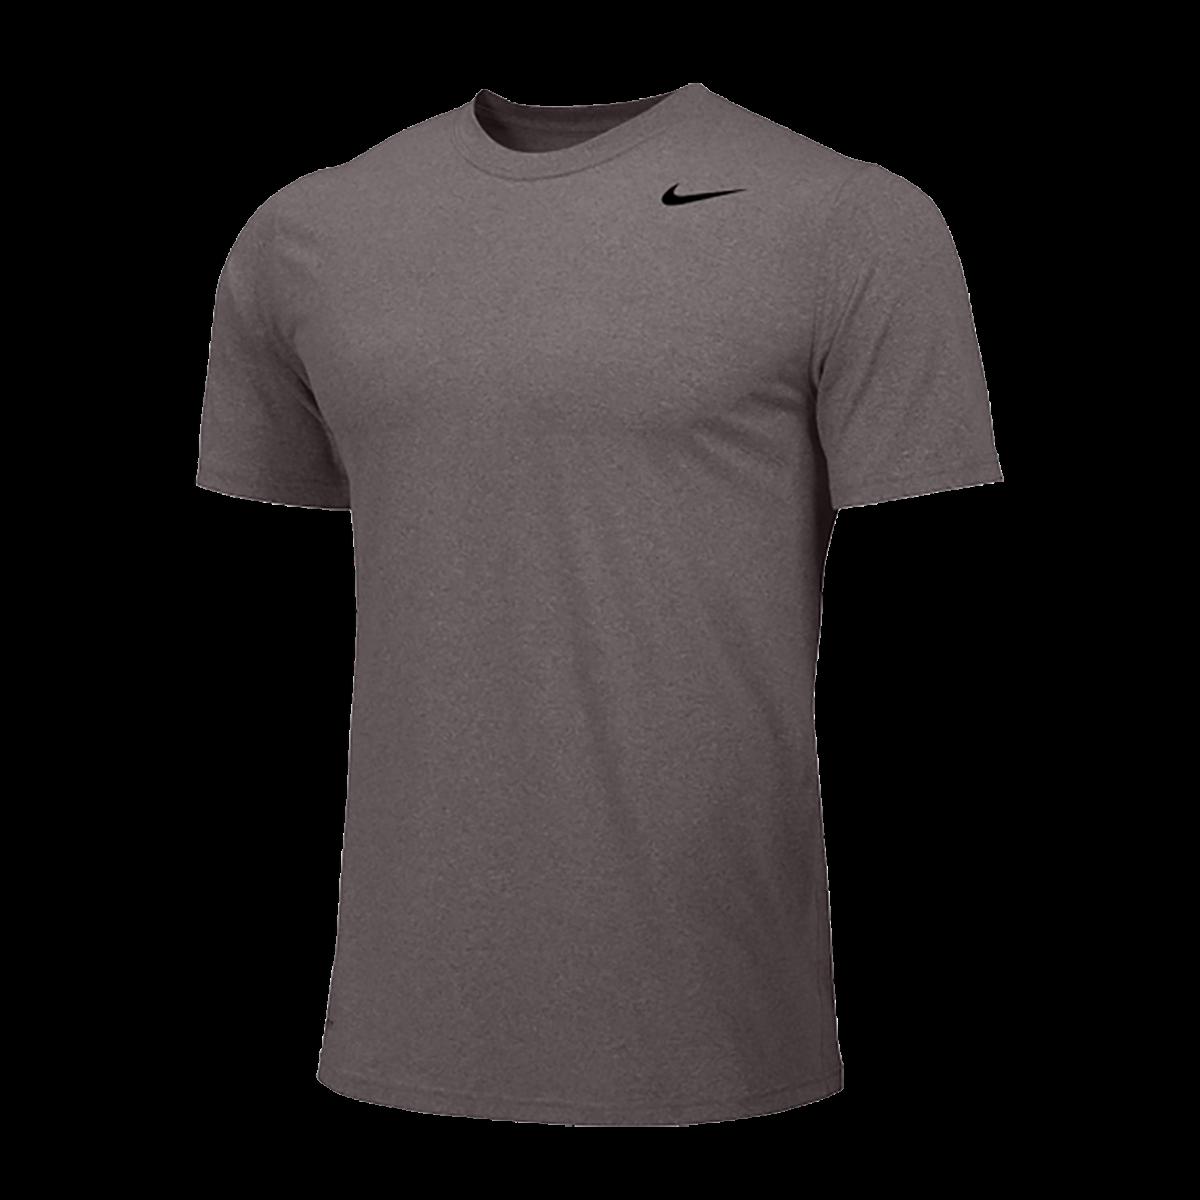 hot sale online 6af49 5dbf7 Images. Nike Team Legend Crew Tee